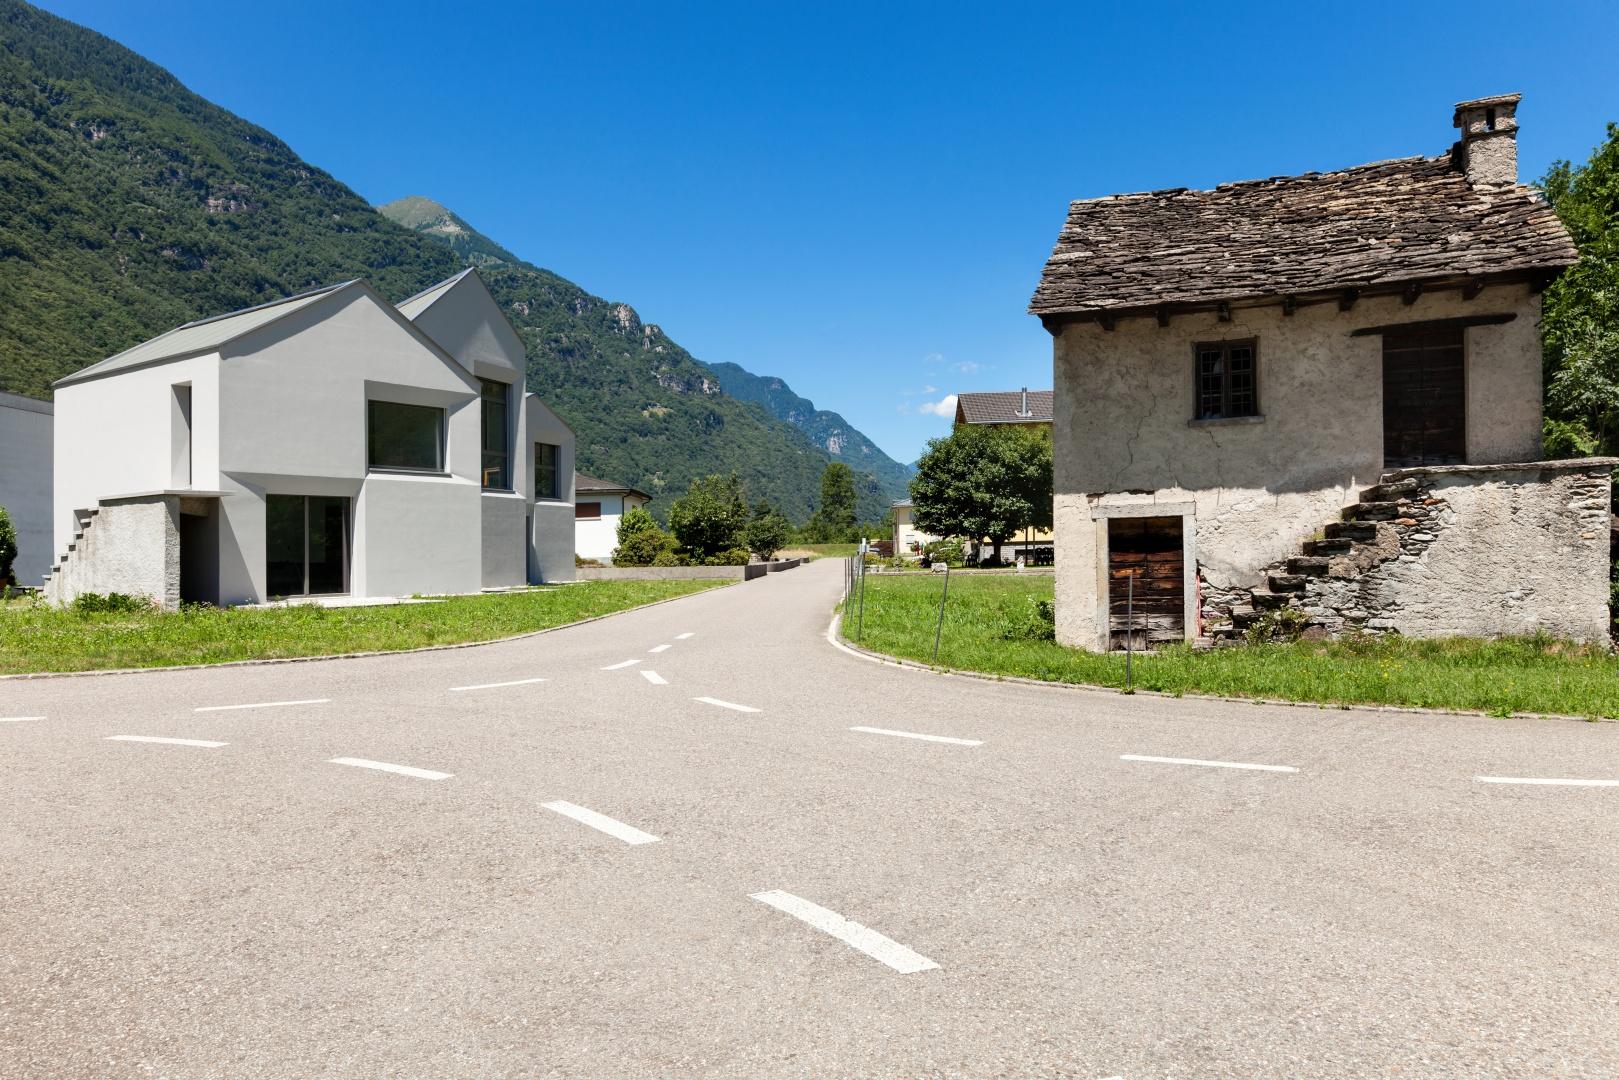 Ansicht Süden und Kontext  © Alexandre Zveiger, Lugano, CH